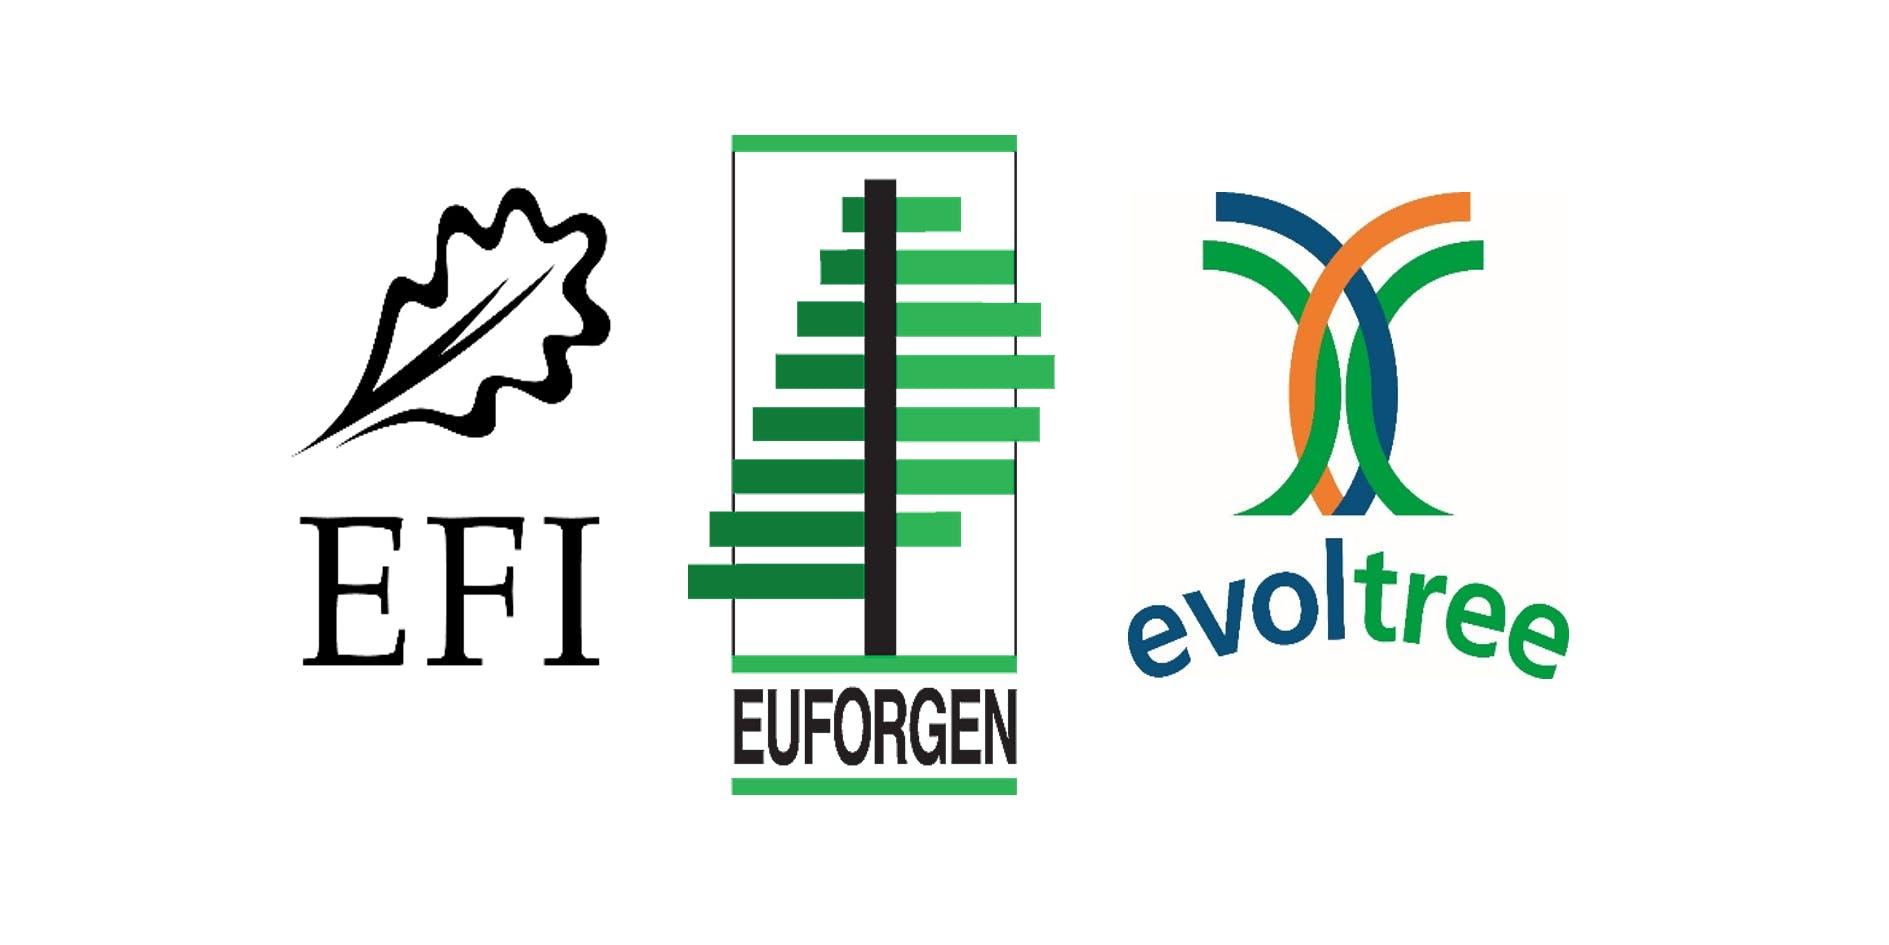 EFIMED - EUFORGEN - EVOLTREE side events